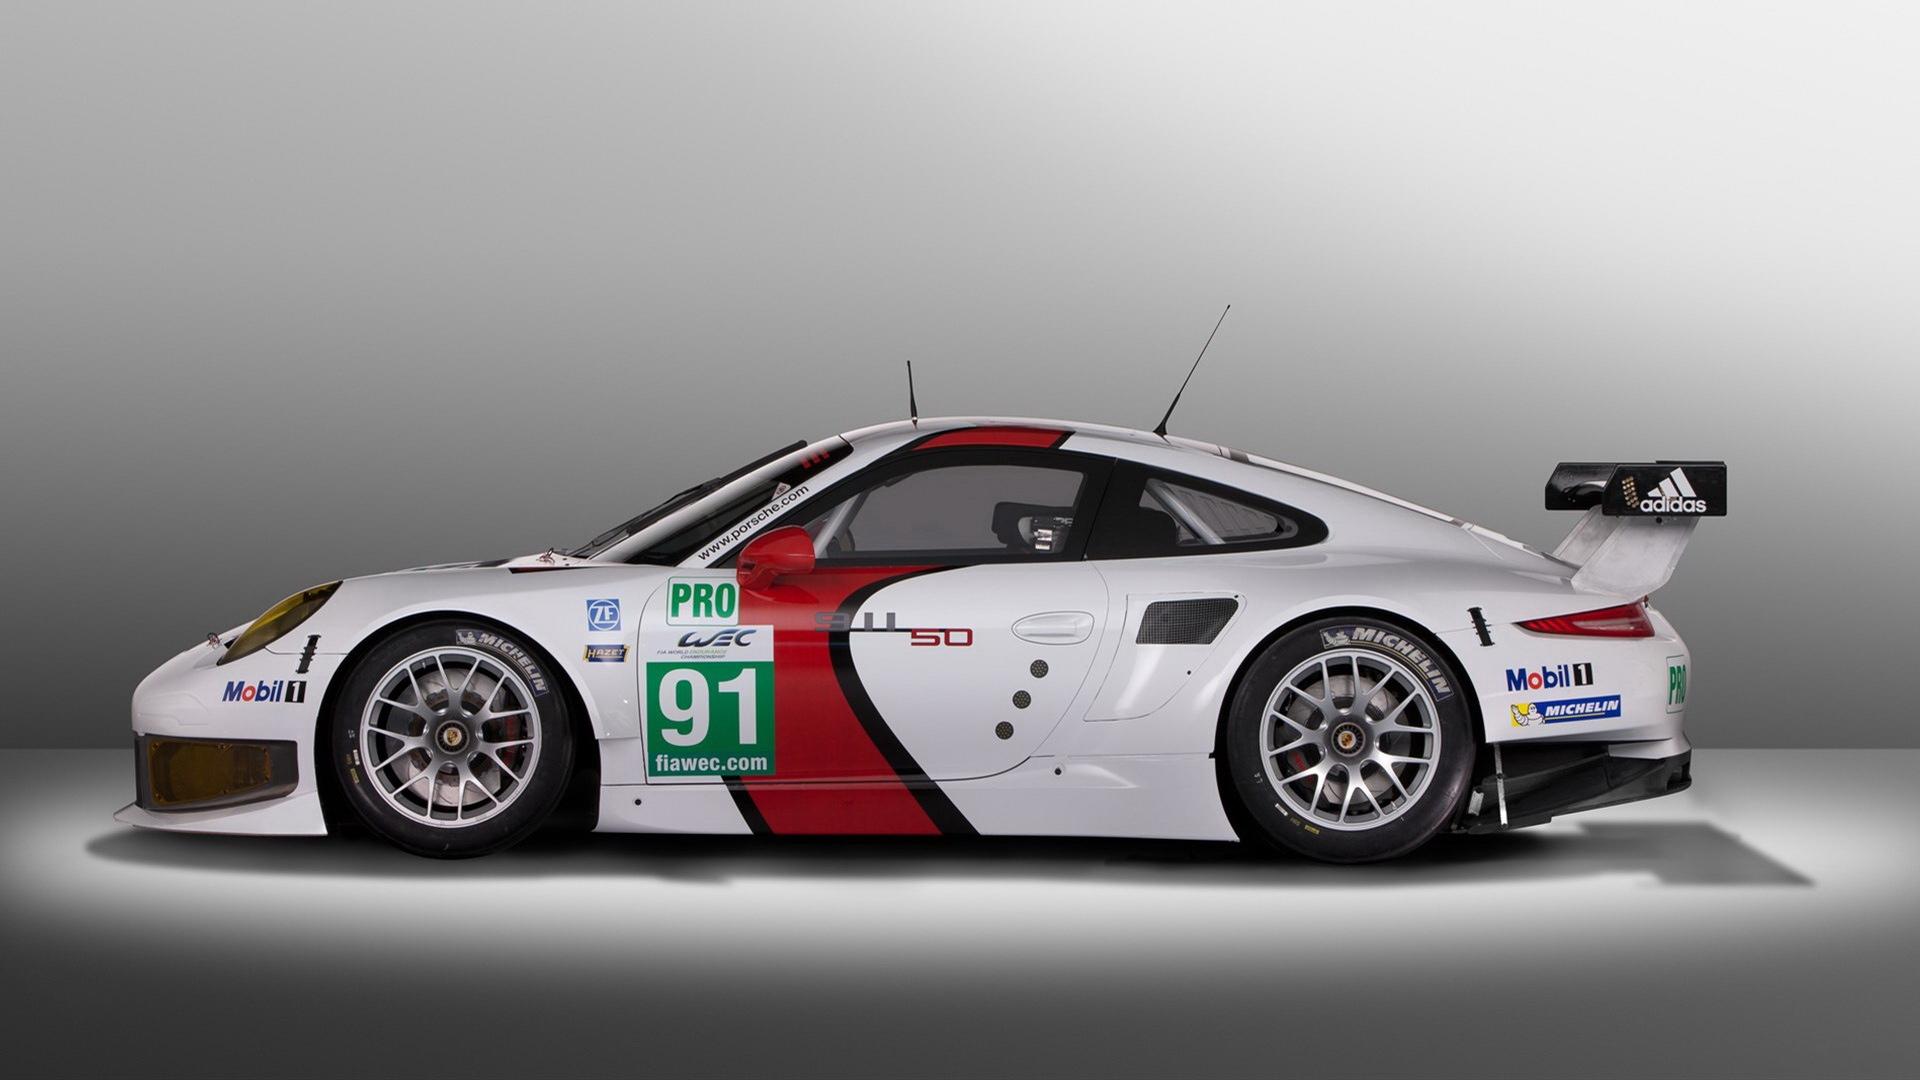 2013保时捷赛车911 gt3 高清图片